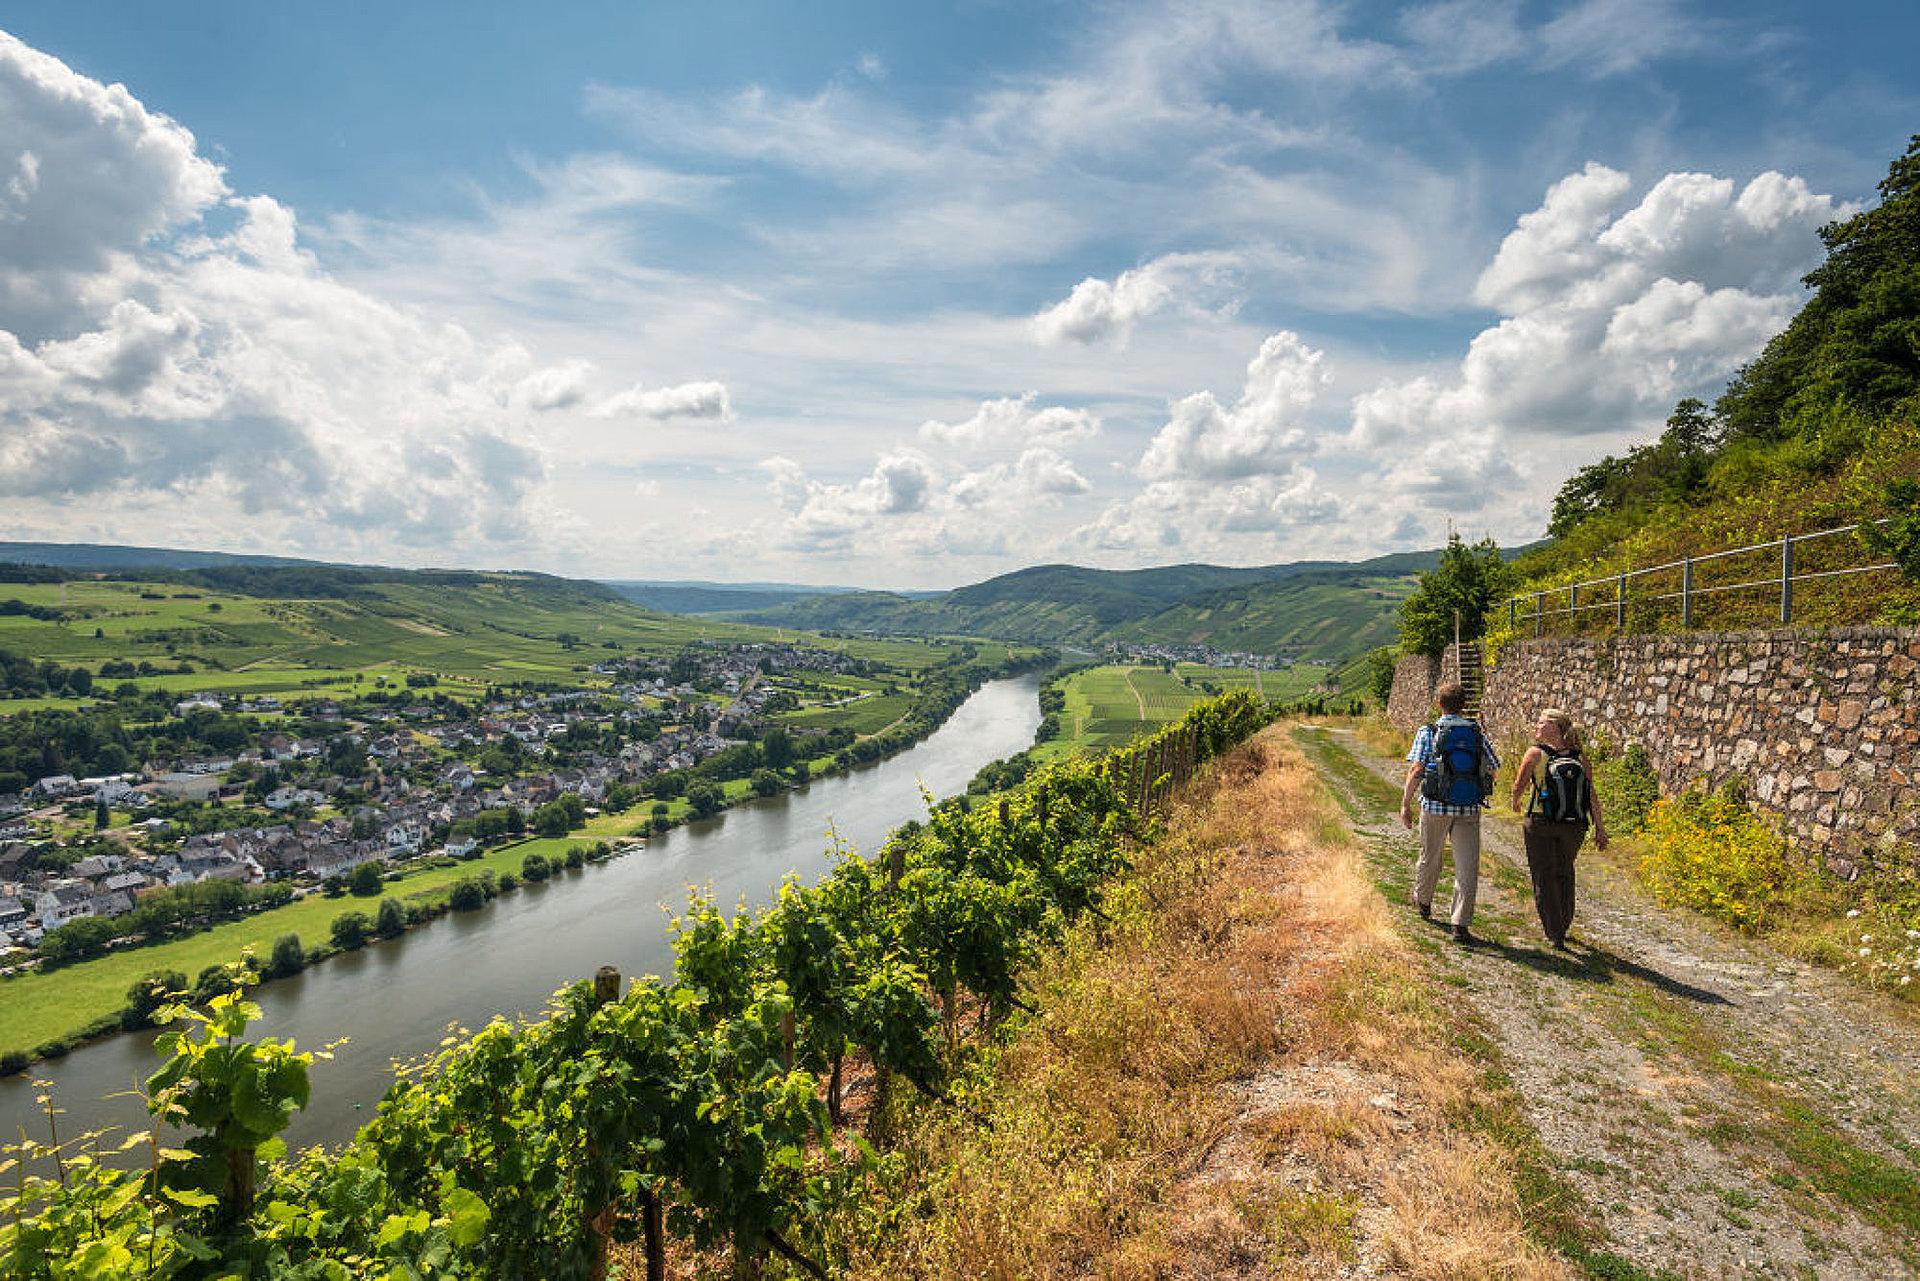 Wandern auf dem Moselsteig bei Brauneberg, Mosel